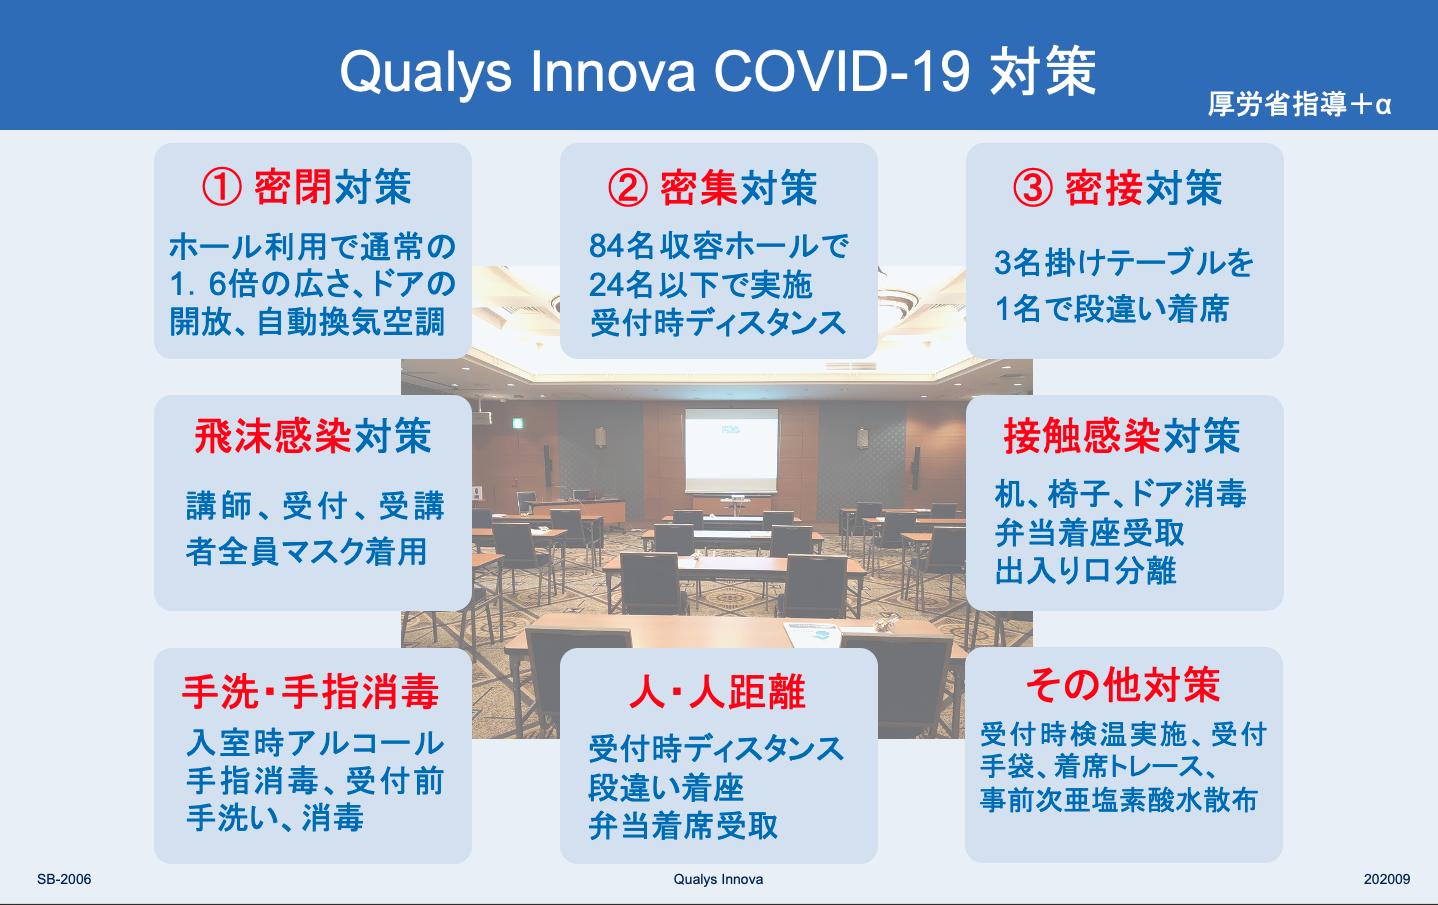 https://qualysinnova.com/images/COVID-19_CP.png